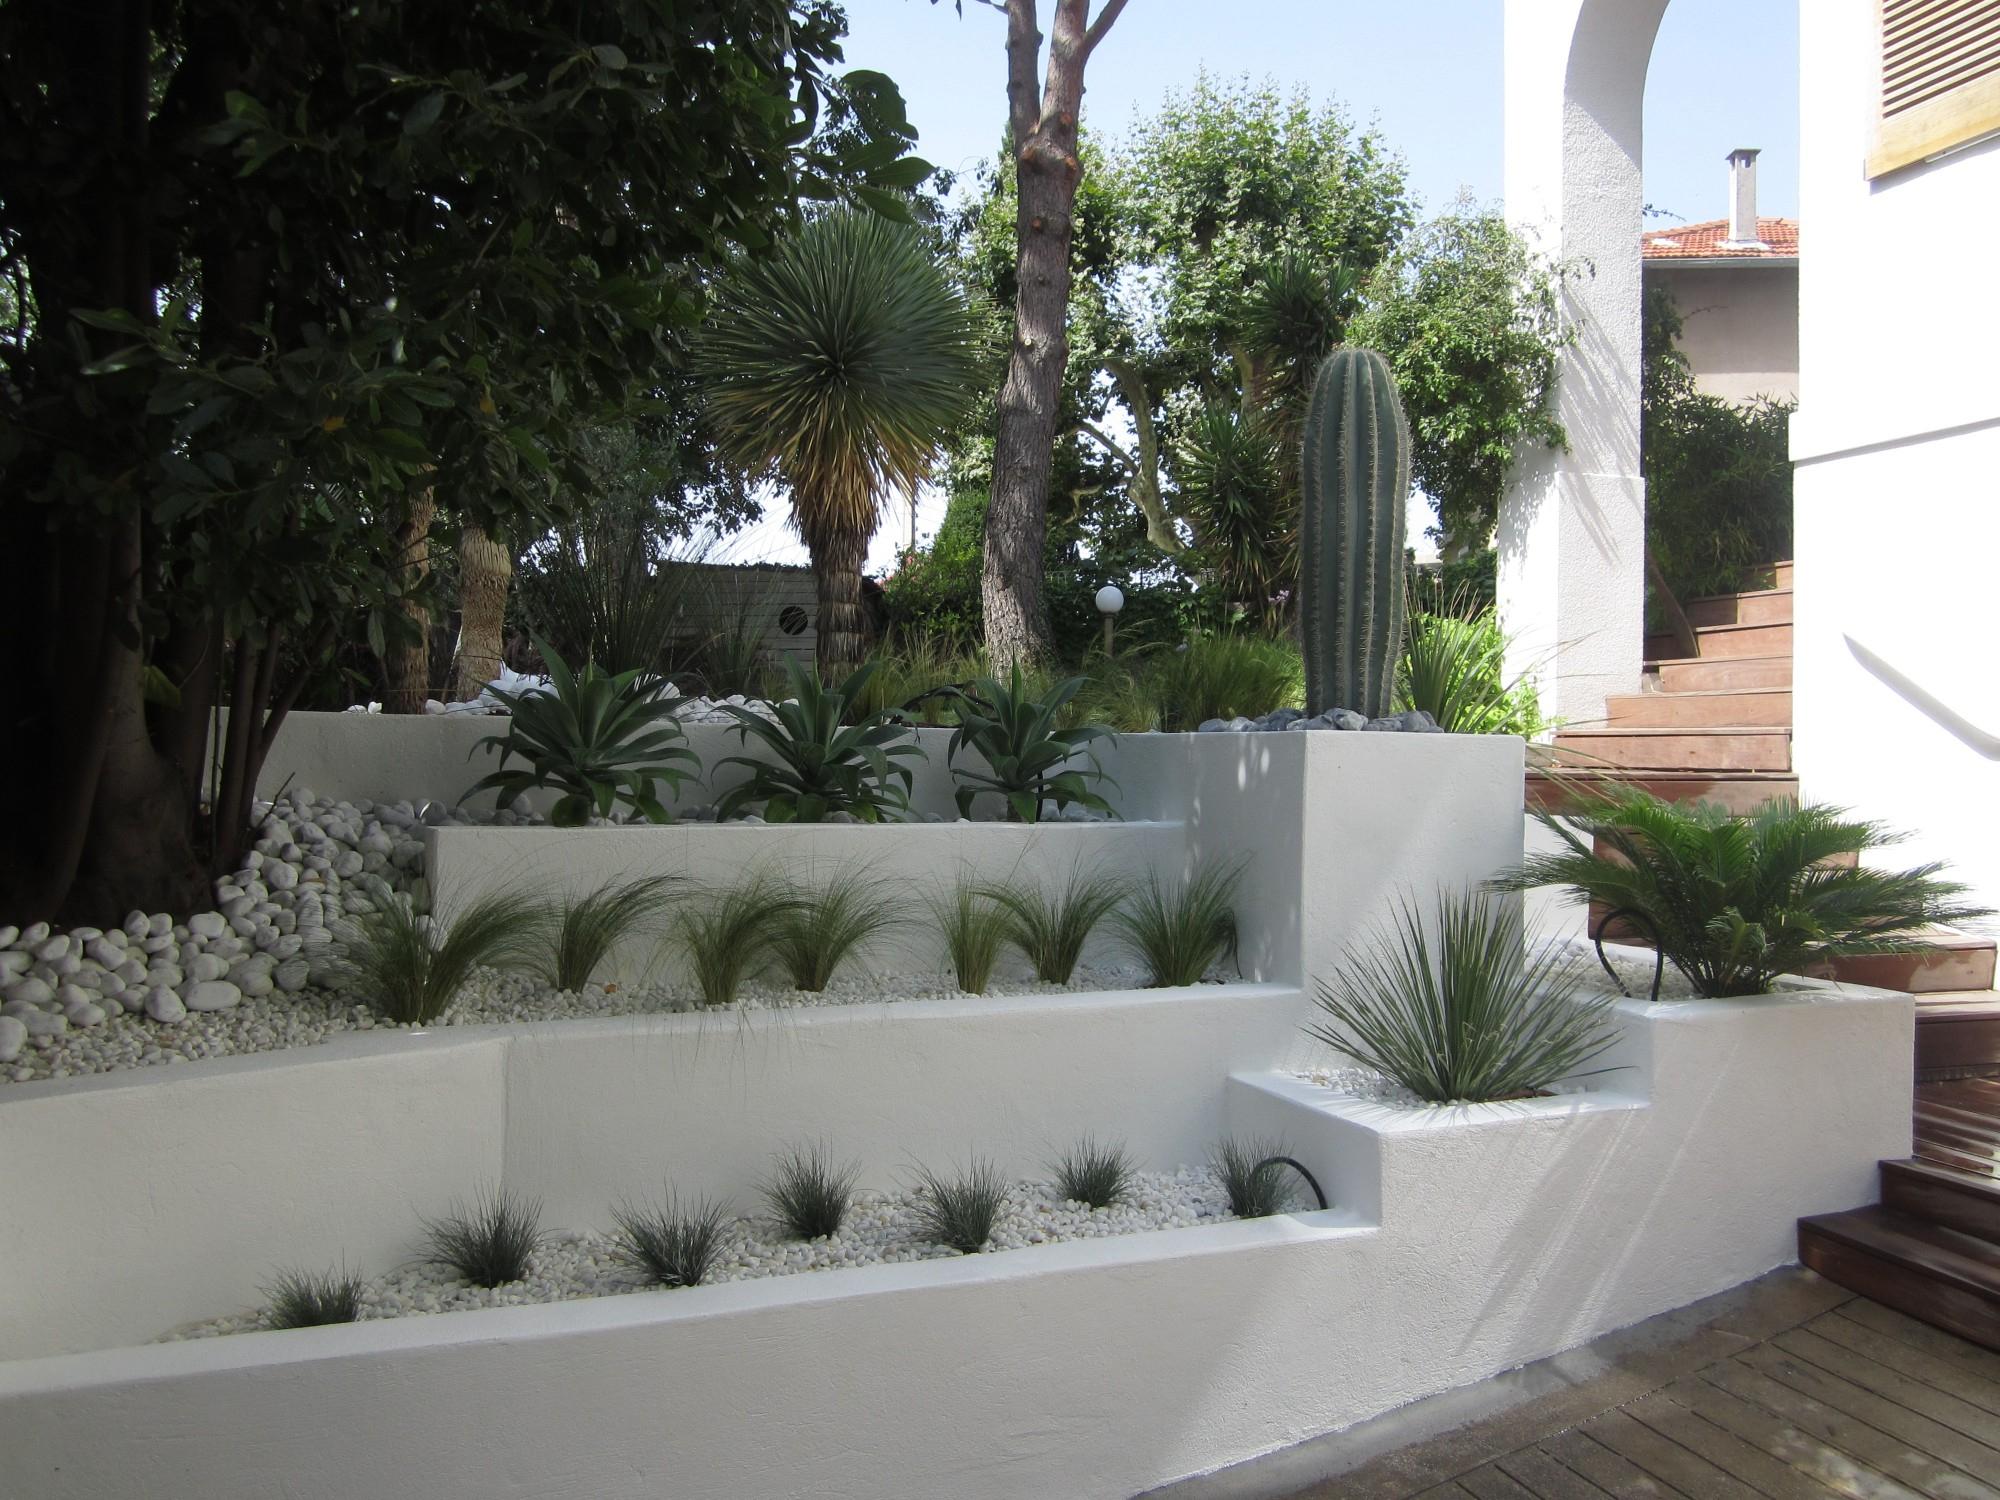 Aménagement Paysager De Jardin Sec À Marseille - Vert Tige intérieur Exemple D Aménagement De Jardin